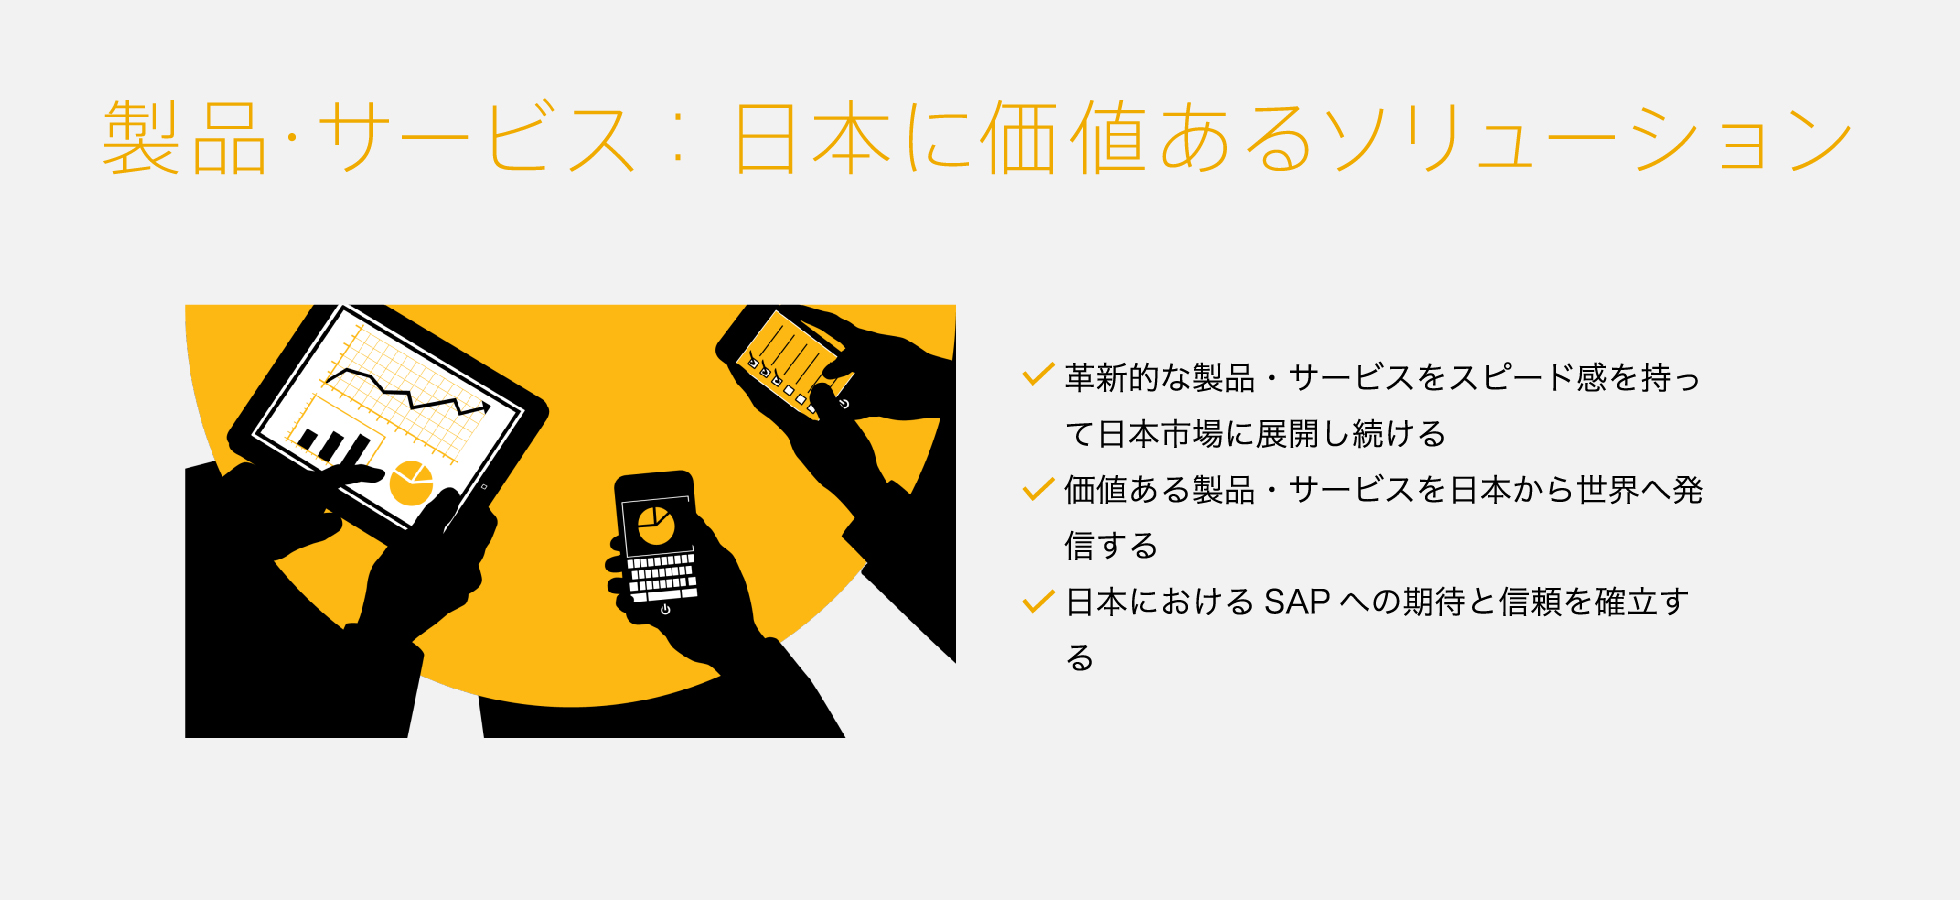 製品・サービス:日本に価値あるソリューション